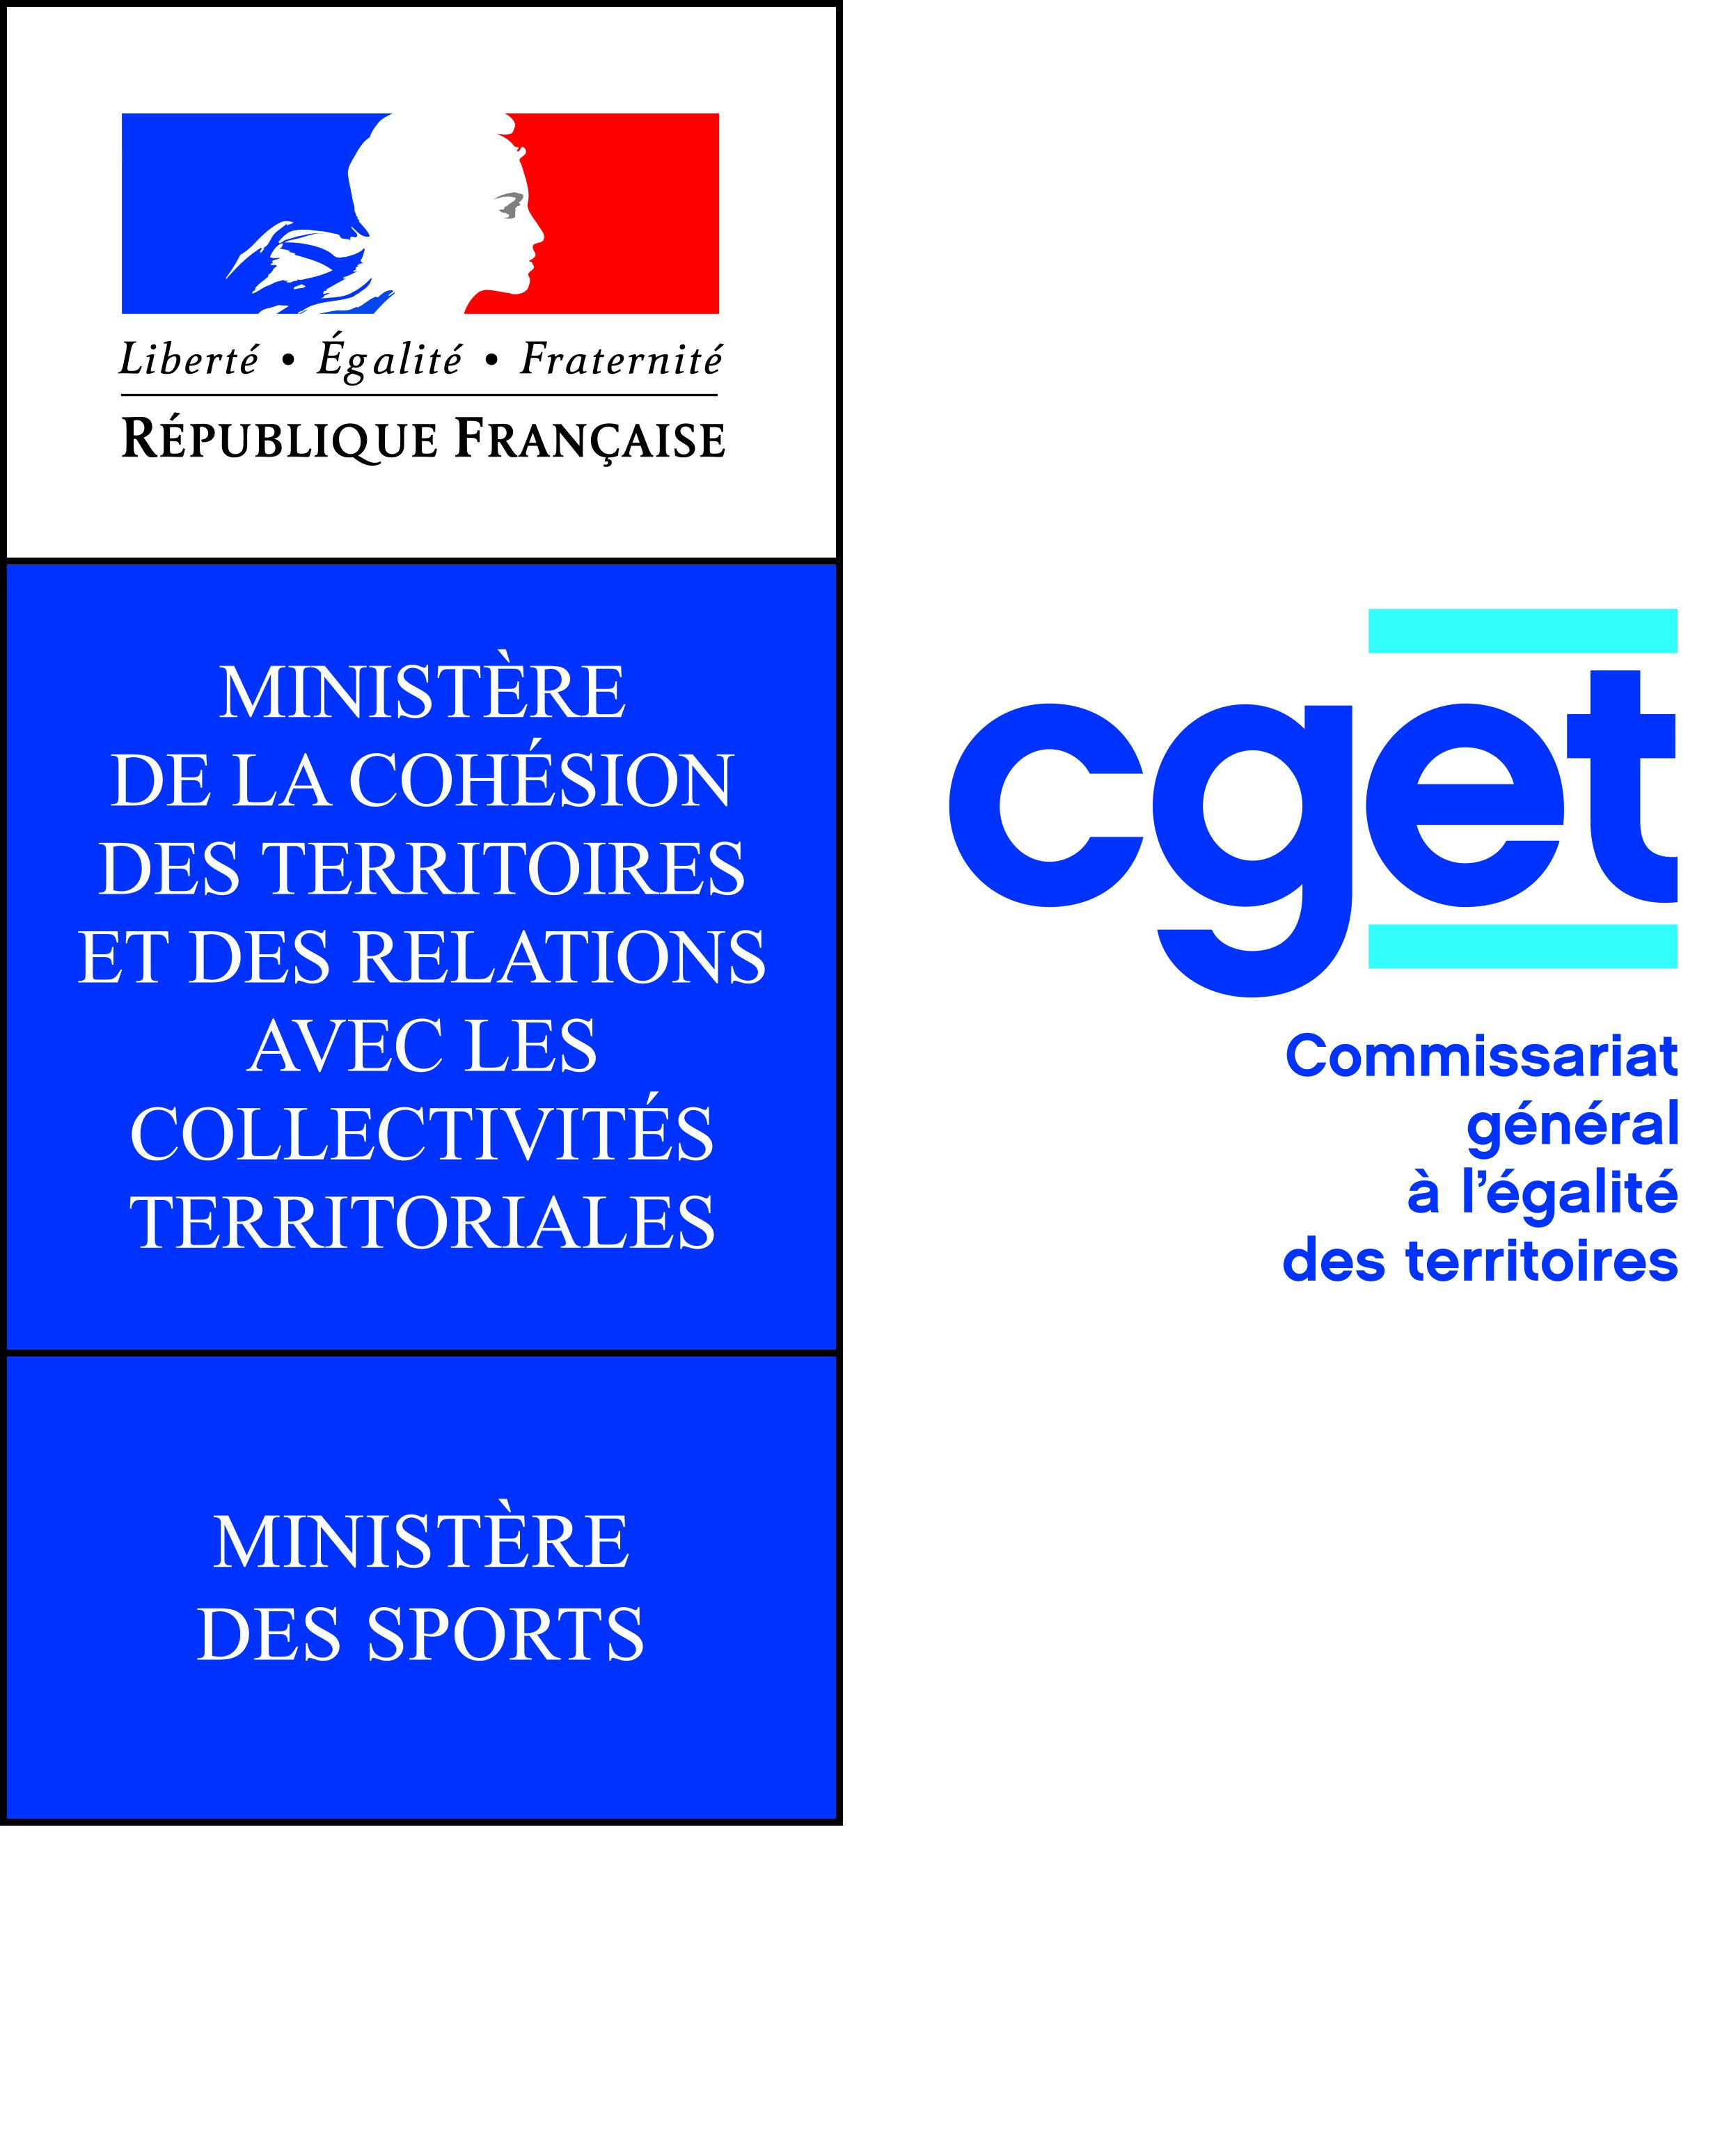 Commissariat général à l'égalité des territoires et Ministère des Sports